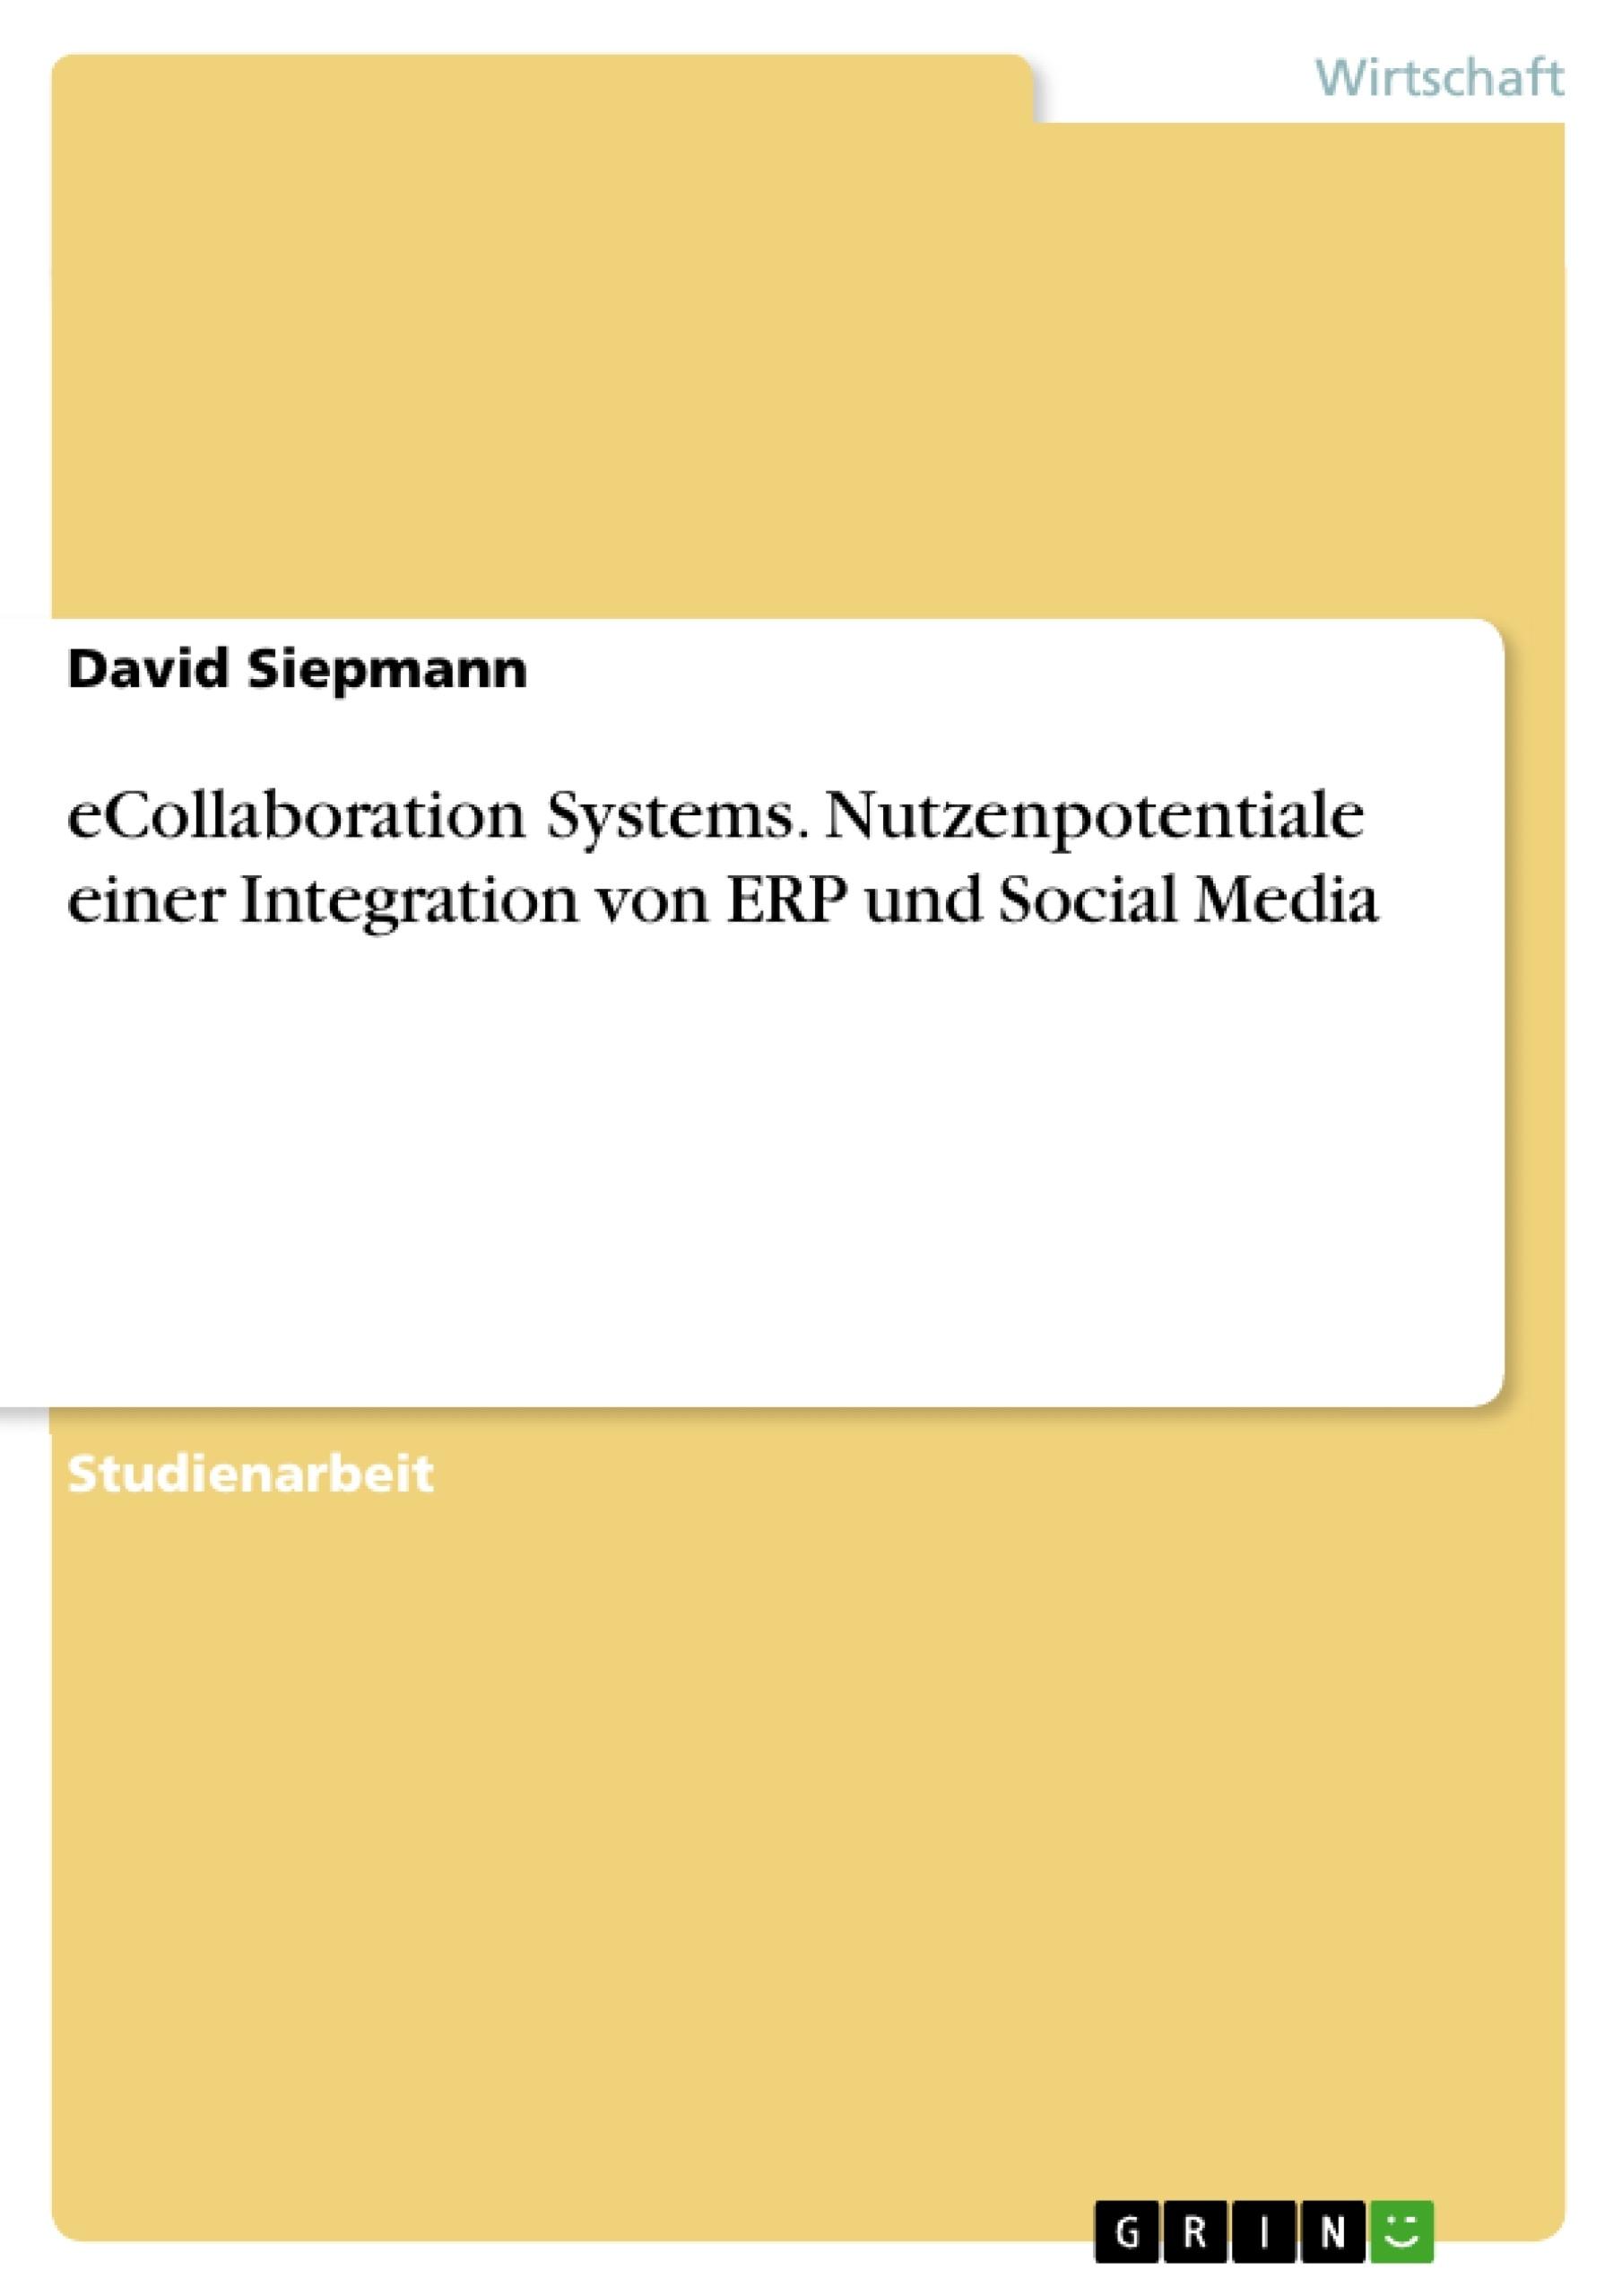 Titel: eCollaboration Systems. Nutzenpotentiale einer Integration von ERP und Social Media